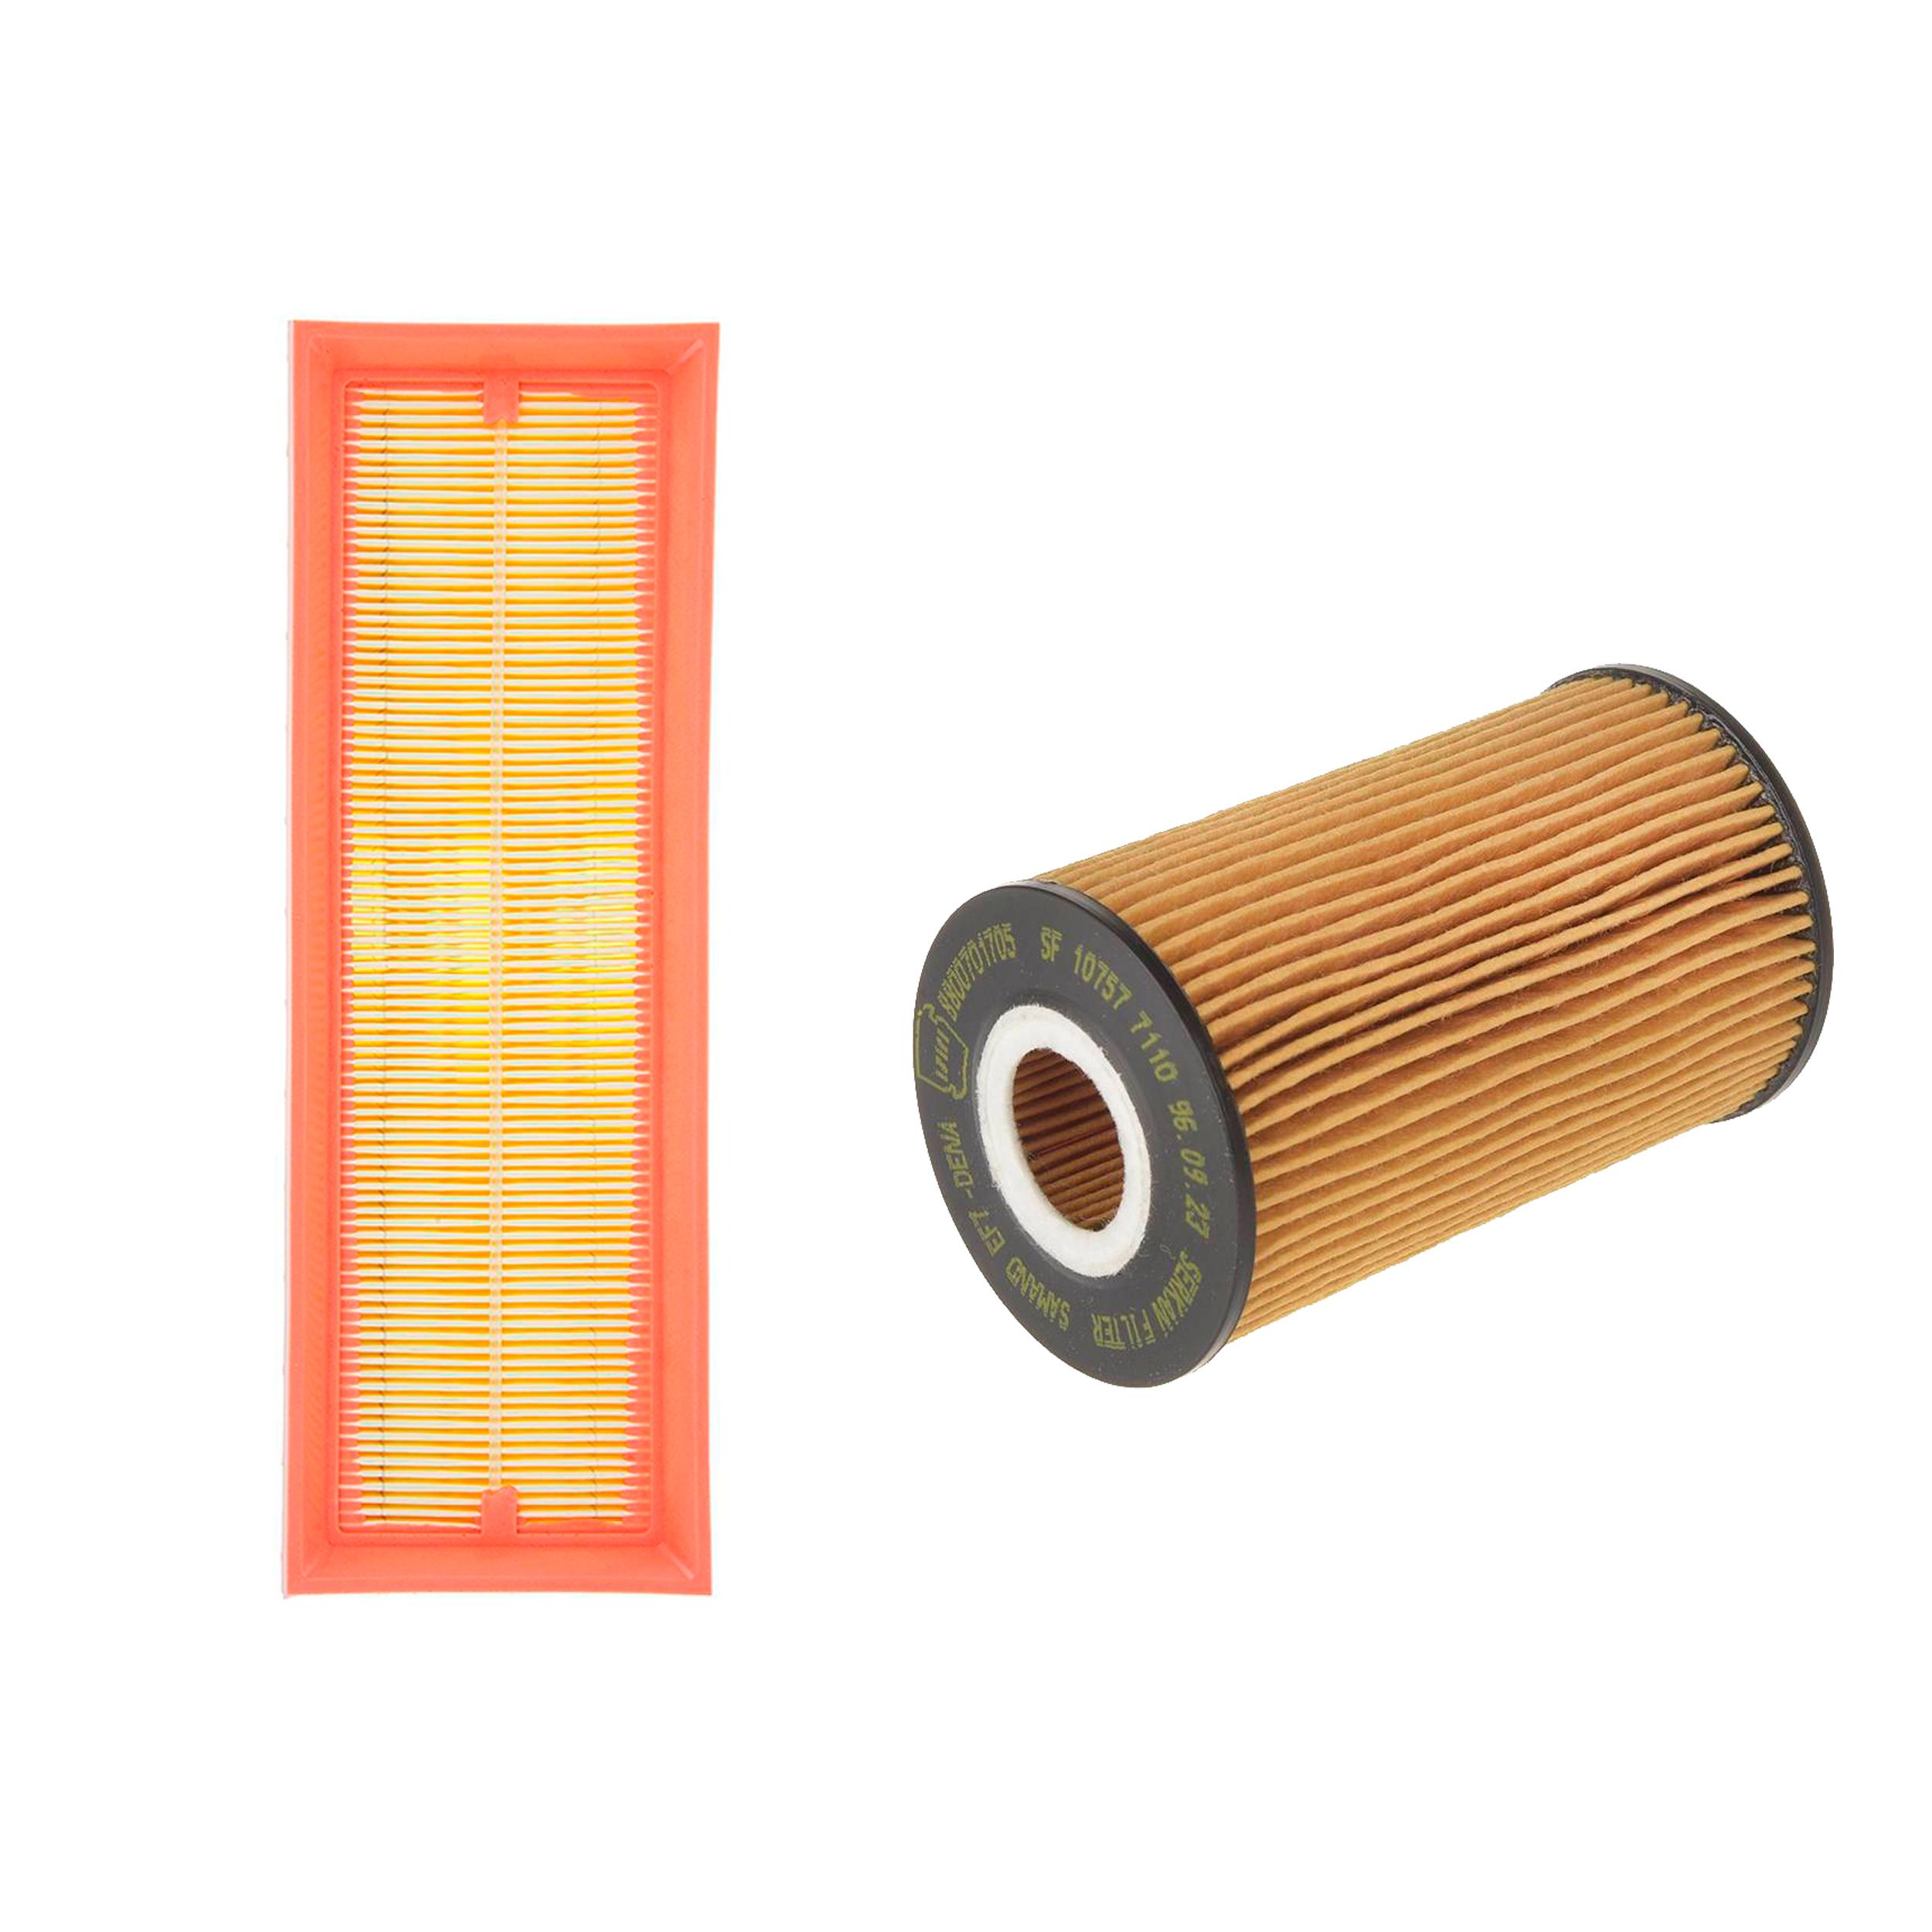 فیلتر روغن خودرو سرکان مدل SF7110 مناسب برای سمند ملی به همراه فیلتر هوا